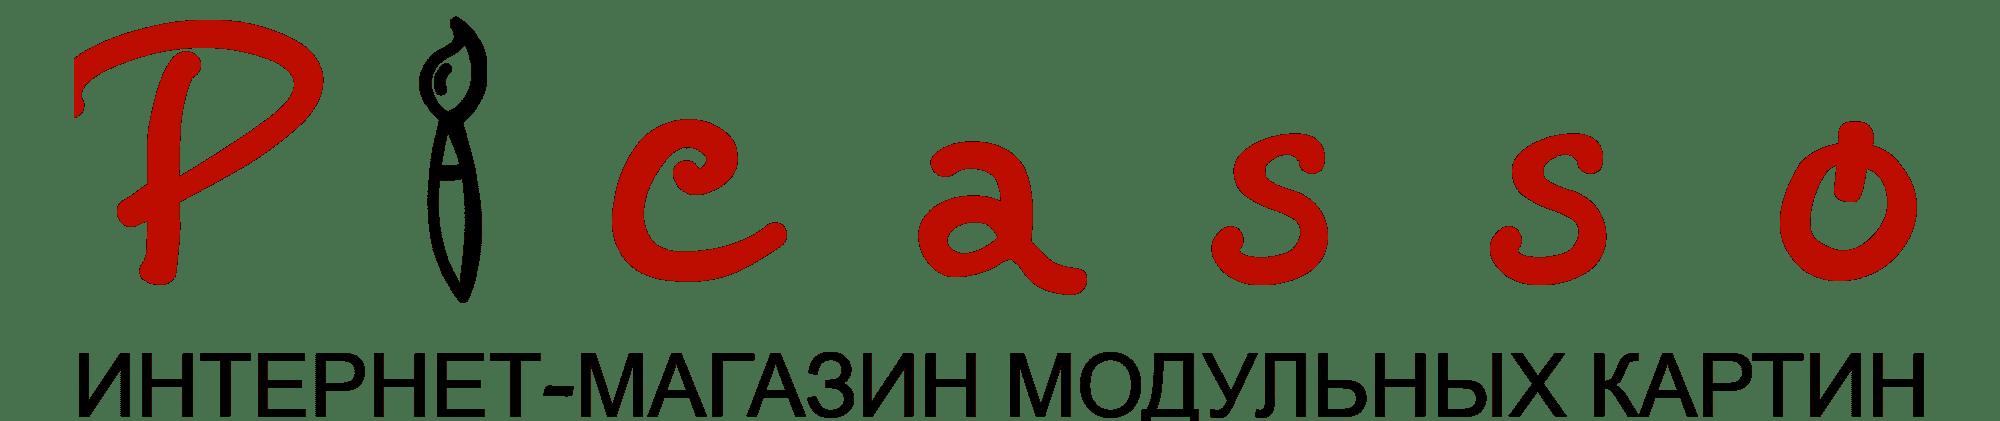 Интернет-магазин модульных картин PICASSO